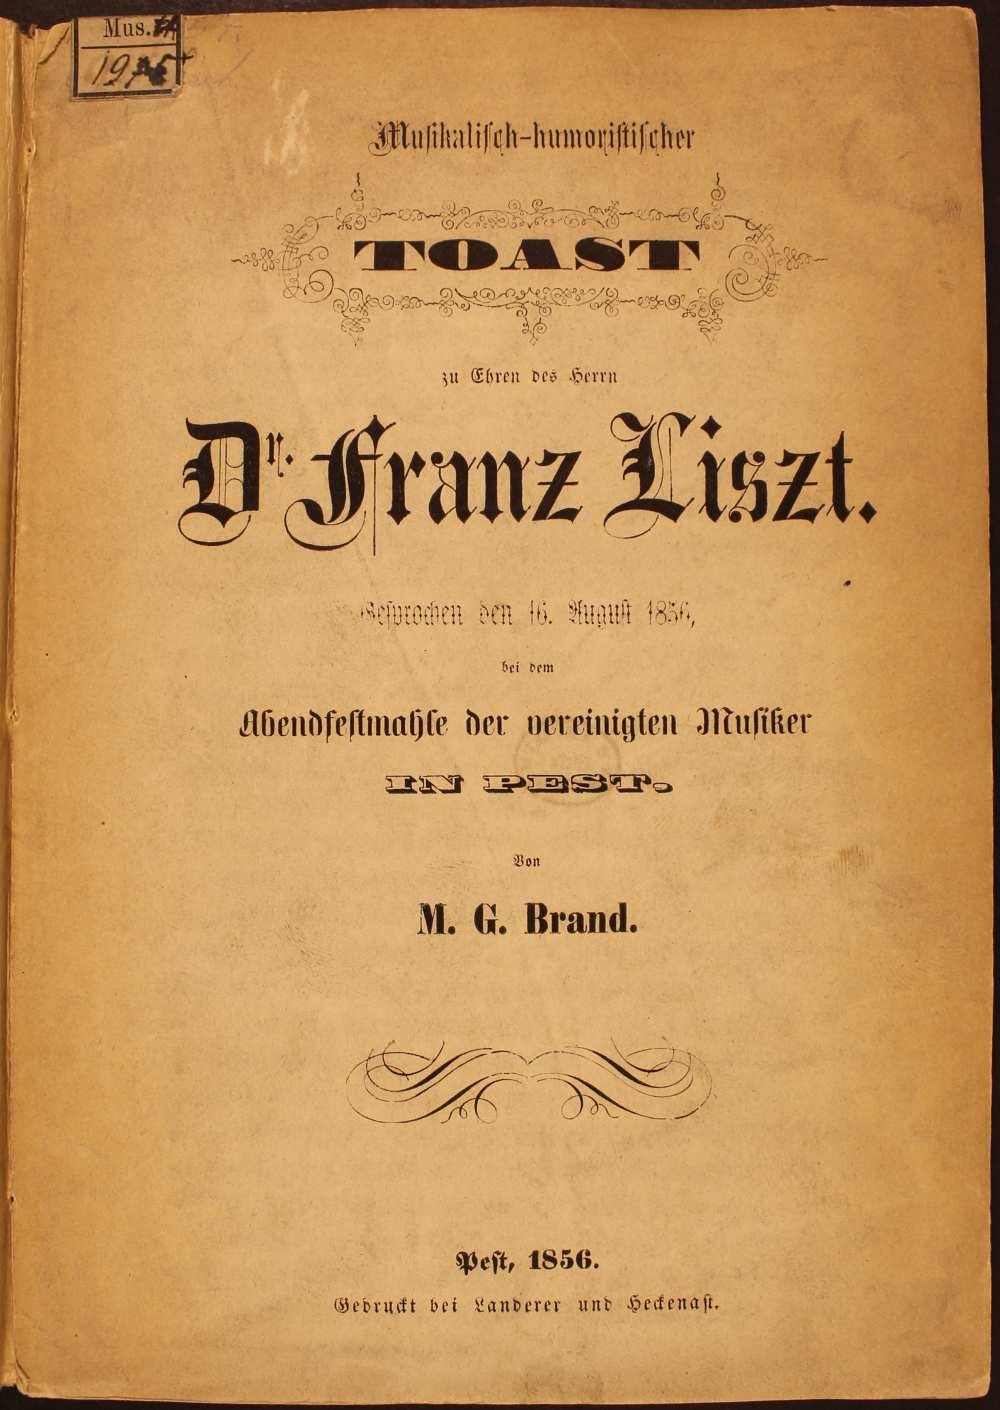 Mosonyi Mihály nyomtatásban megjelent, 1856. augusztus 16-án a Pesti Zenész Egylet Liszt tiszteletére rendezett ünnepségén elhangzott pohárköszöntője. M. G. Brand (Mosonyi): Musikalisch-humoristische Toast zu Ehren des Herrn Dr. Franz Liszt, Pest, Gedruckt bei Landerer und Heckenast, 1856. – Törzsgyűjtemény<br /><br />